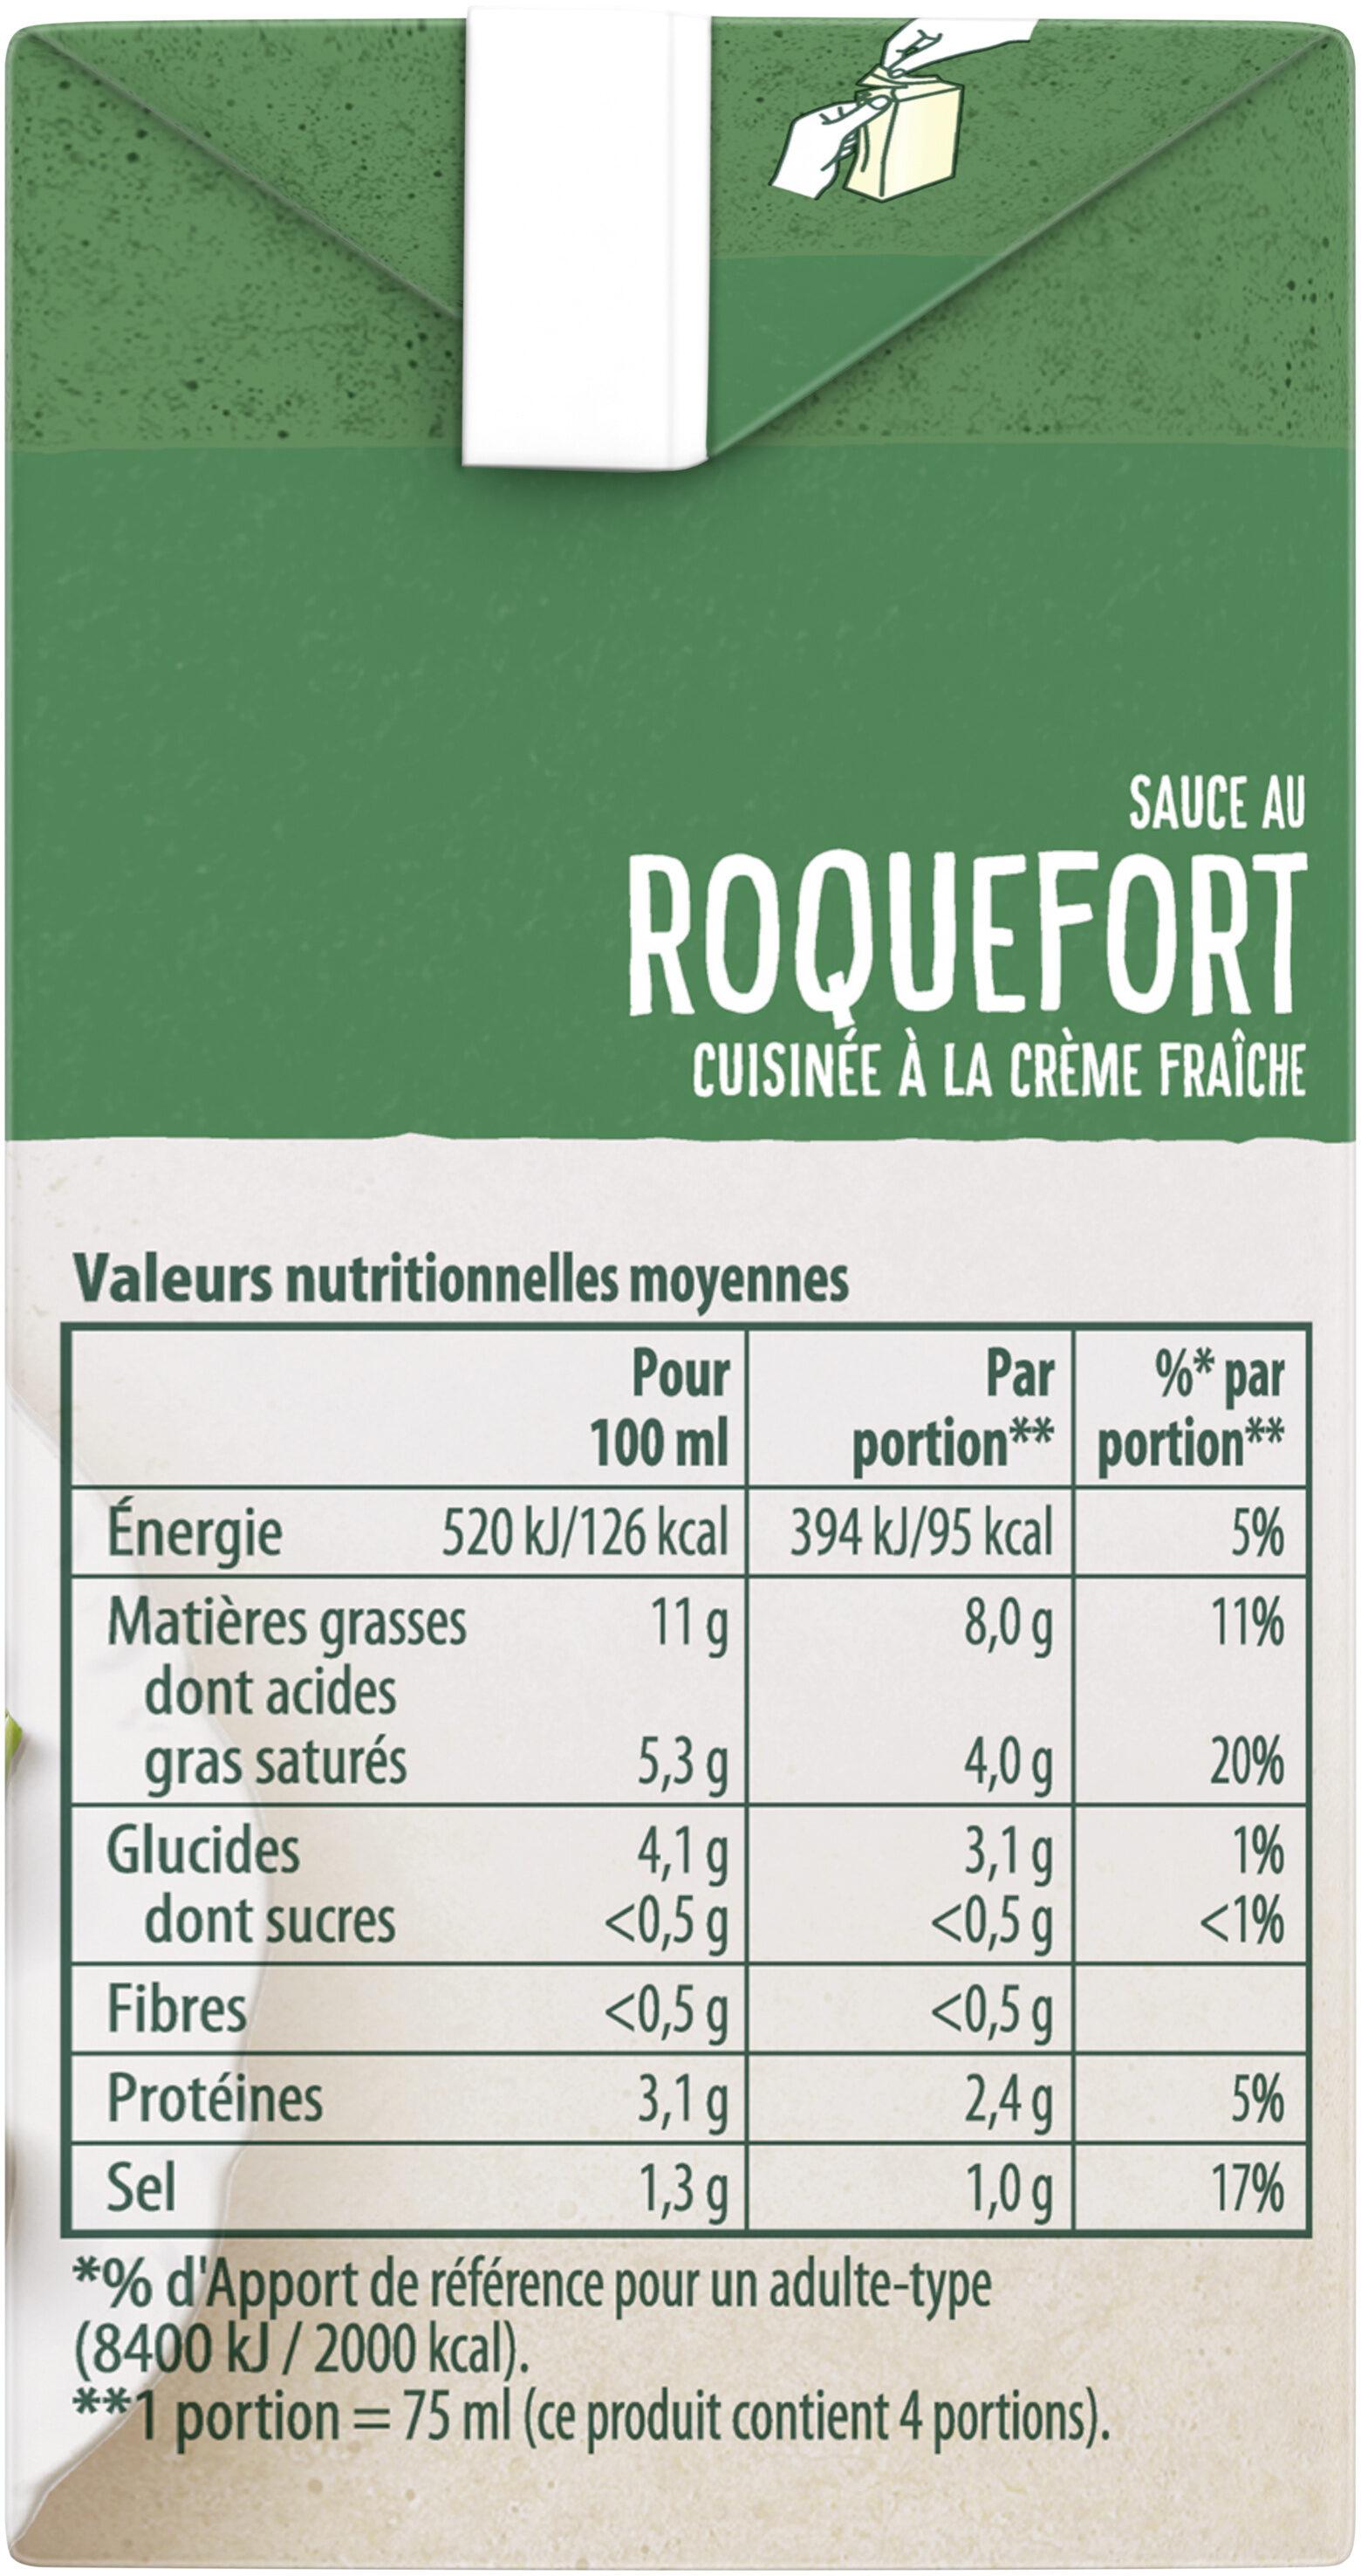 Knorr Les Moments Gourmets Sauce Chaude Roquefort Cuisinée à La Crème Fraîche Brique 30cl - Voedingswaarden - fr